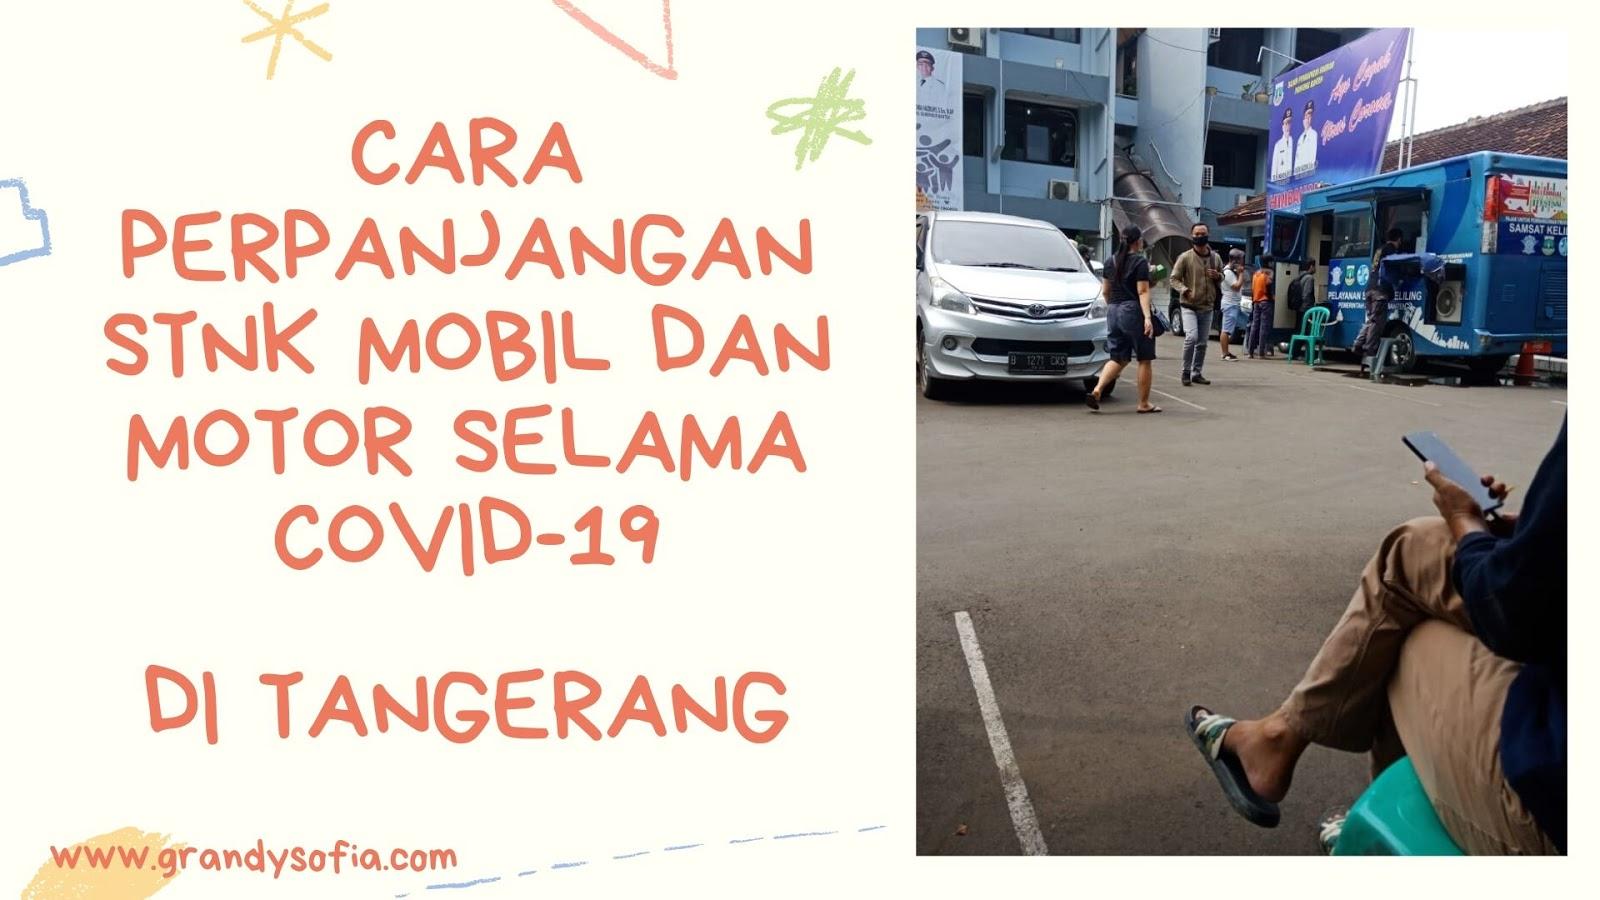 cara perpanjangan STNK mobil dan motor di Tangerang saat covid-19